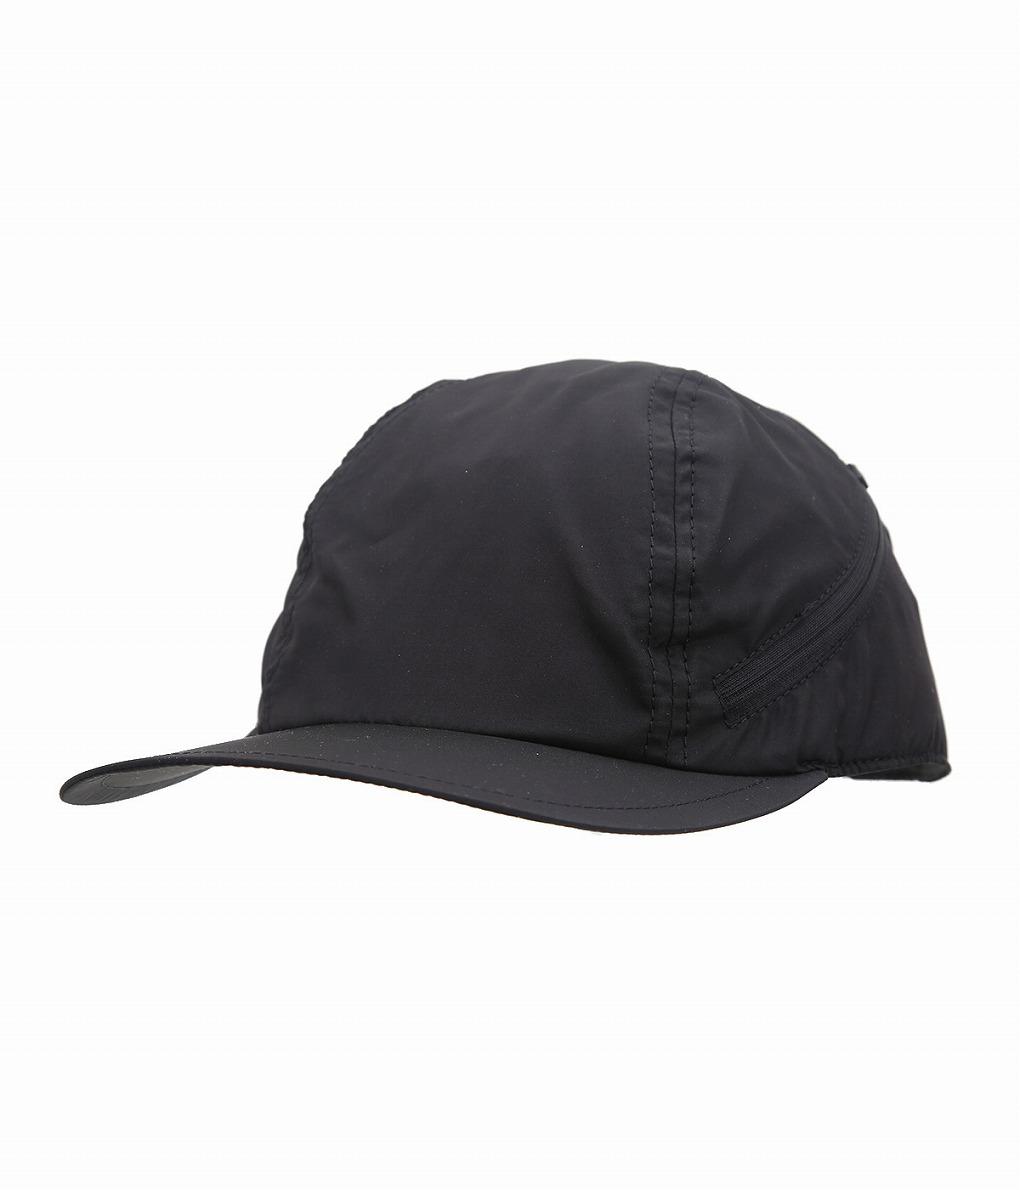 【サマーキャンペーン!】1017 ALYX 9SM / アリクス : SOFT CLASSIC HAT WITH CURVED ZIP : ソフト クラシック ハット カーブド ジップ キャップ : AAUHA0026FA01 【WAX】